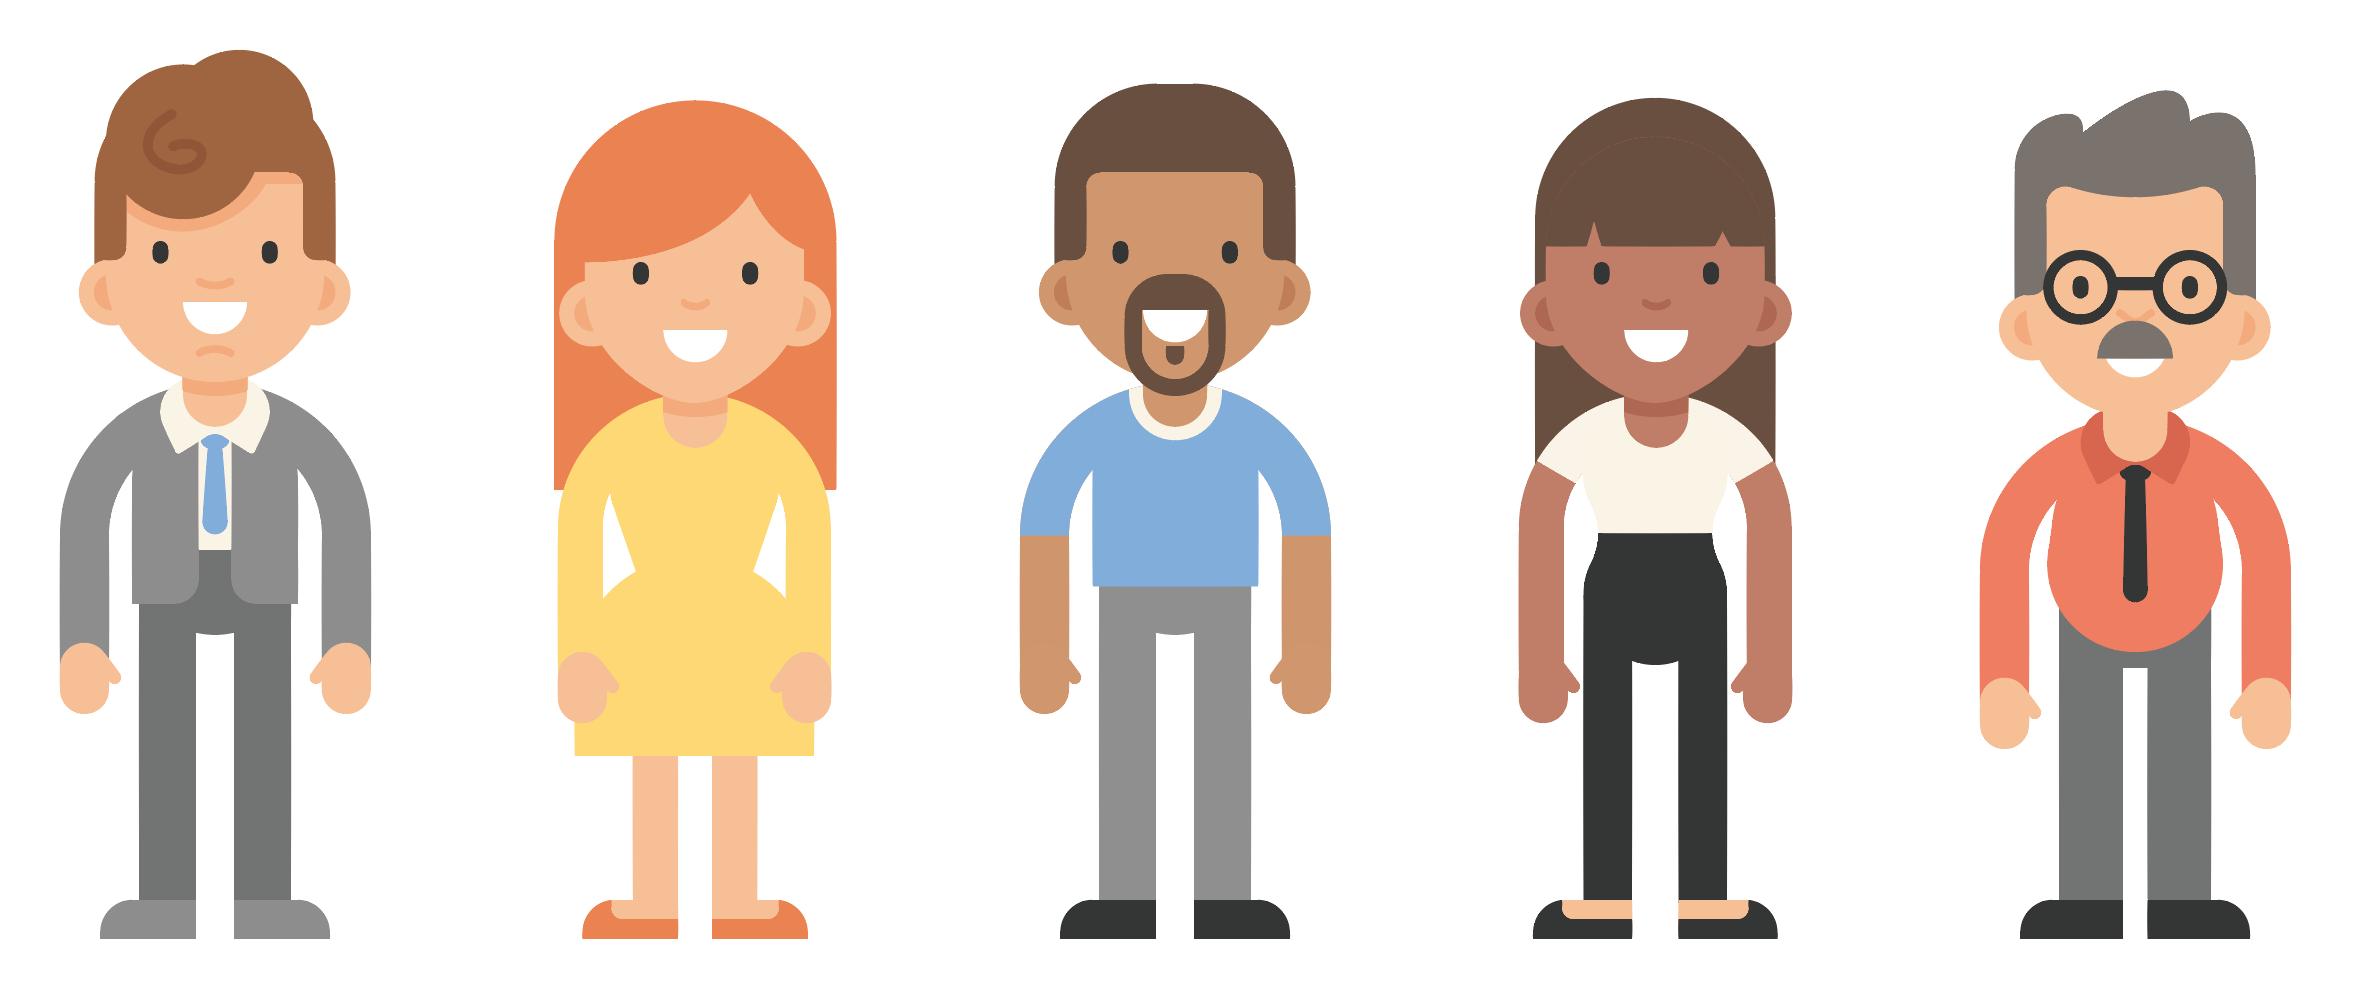 Download Free png Lot de personnages flat design gratuit.